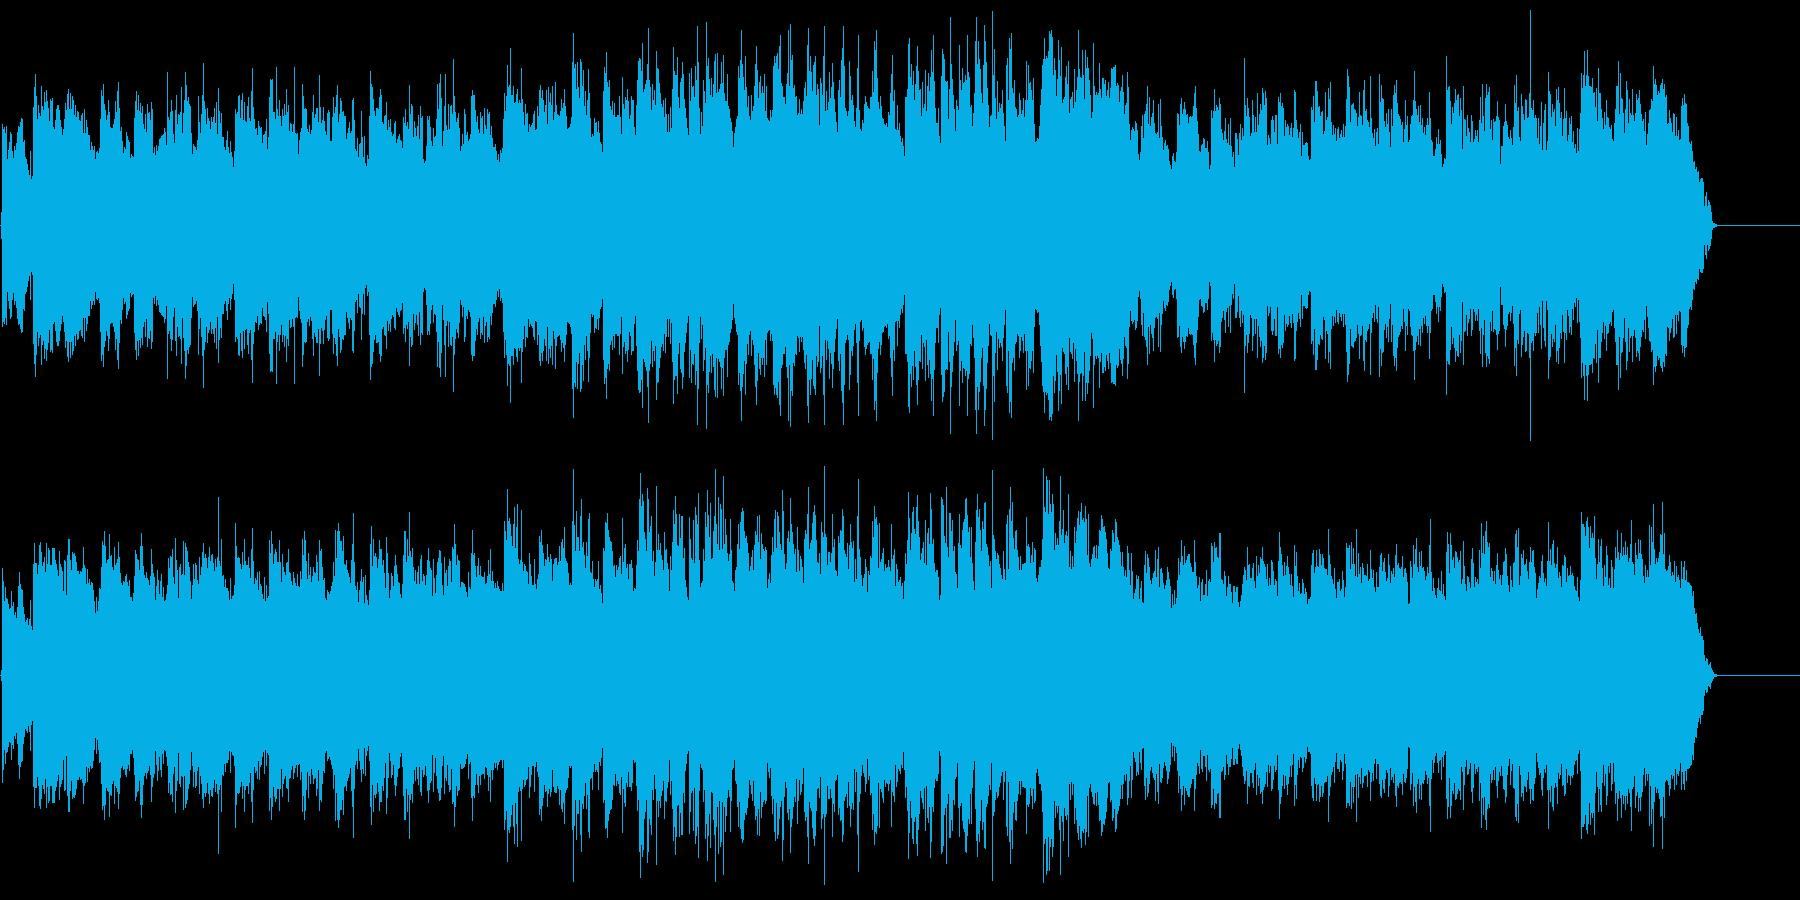 エンディング・洋楽っぽい穏やかなR&Bの再生済みの波形